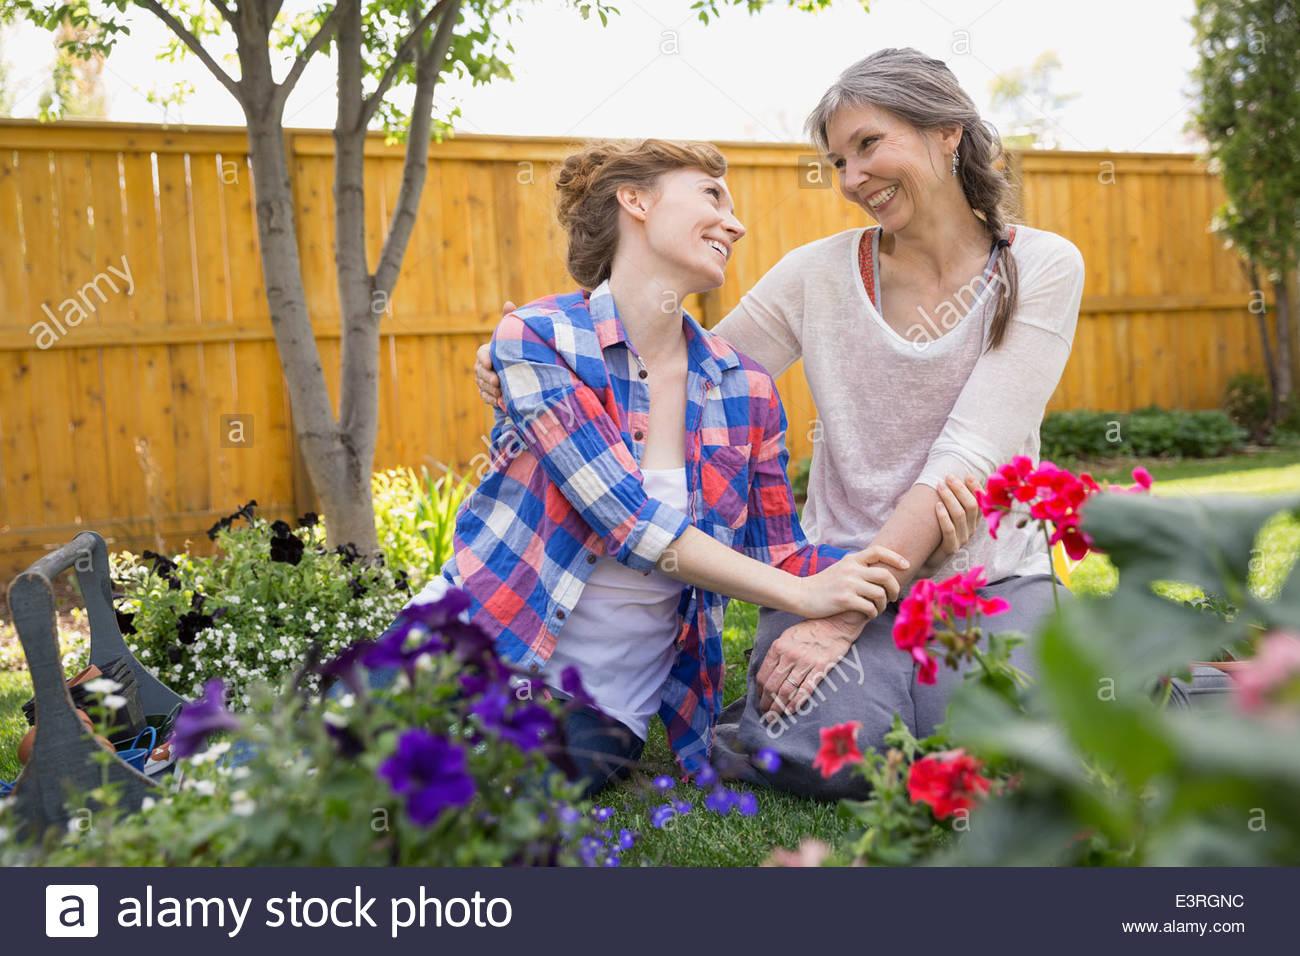 Affettuosa madre e figlia piantare fiori nel giardino Immagini Stock